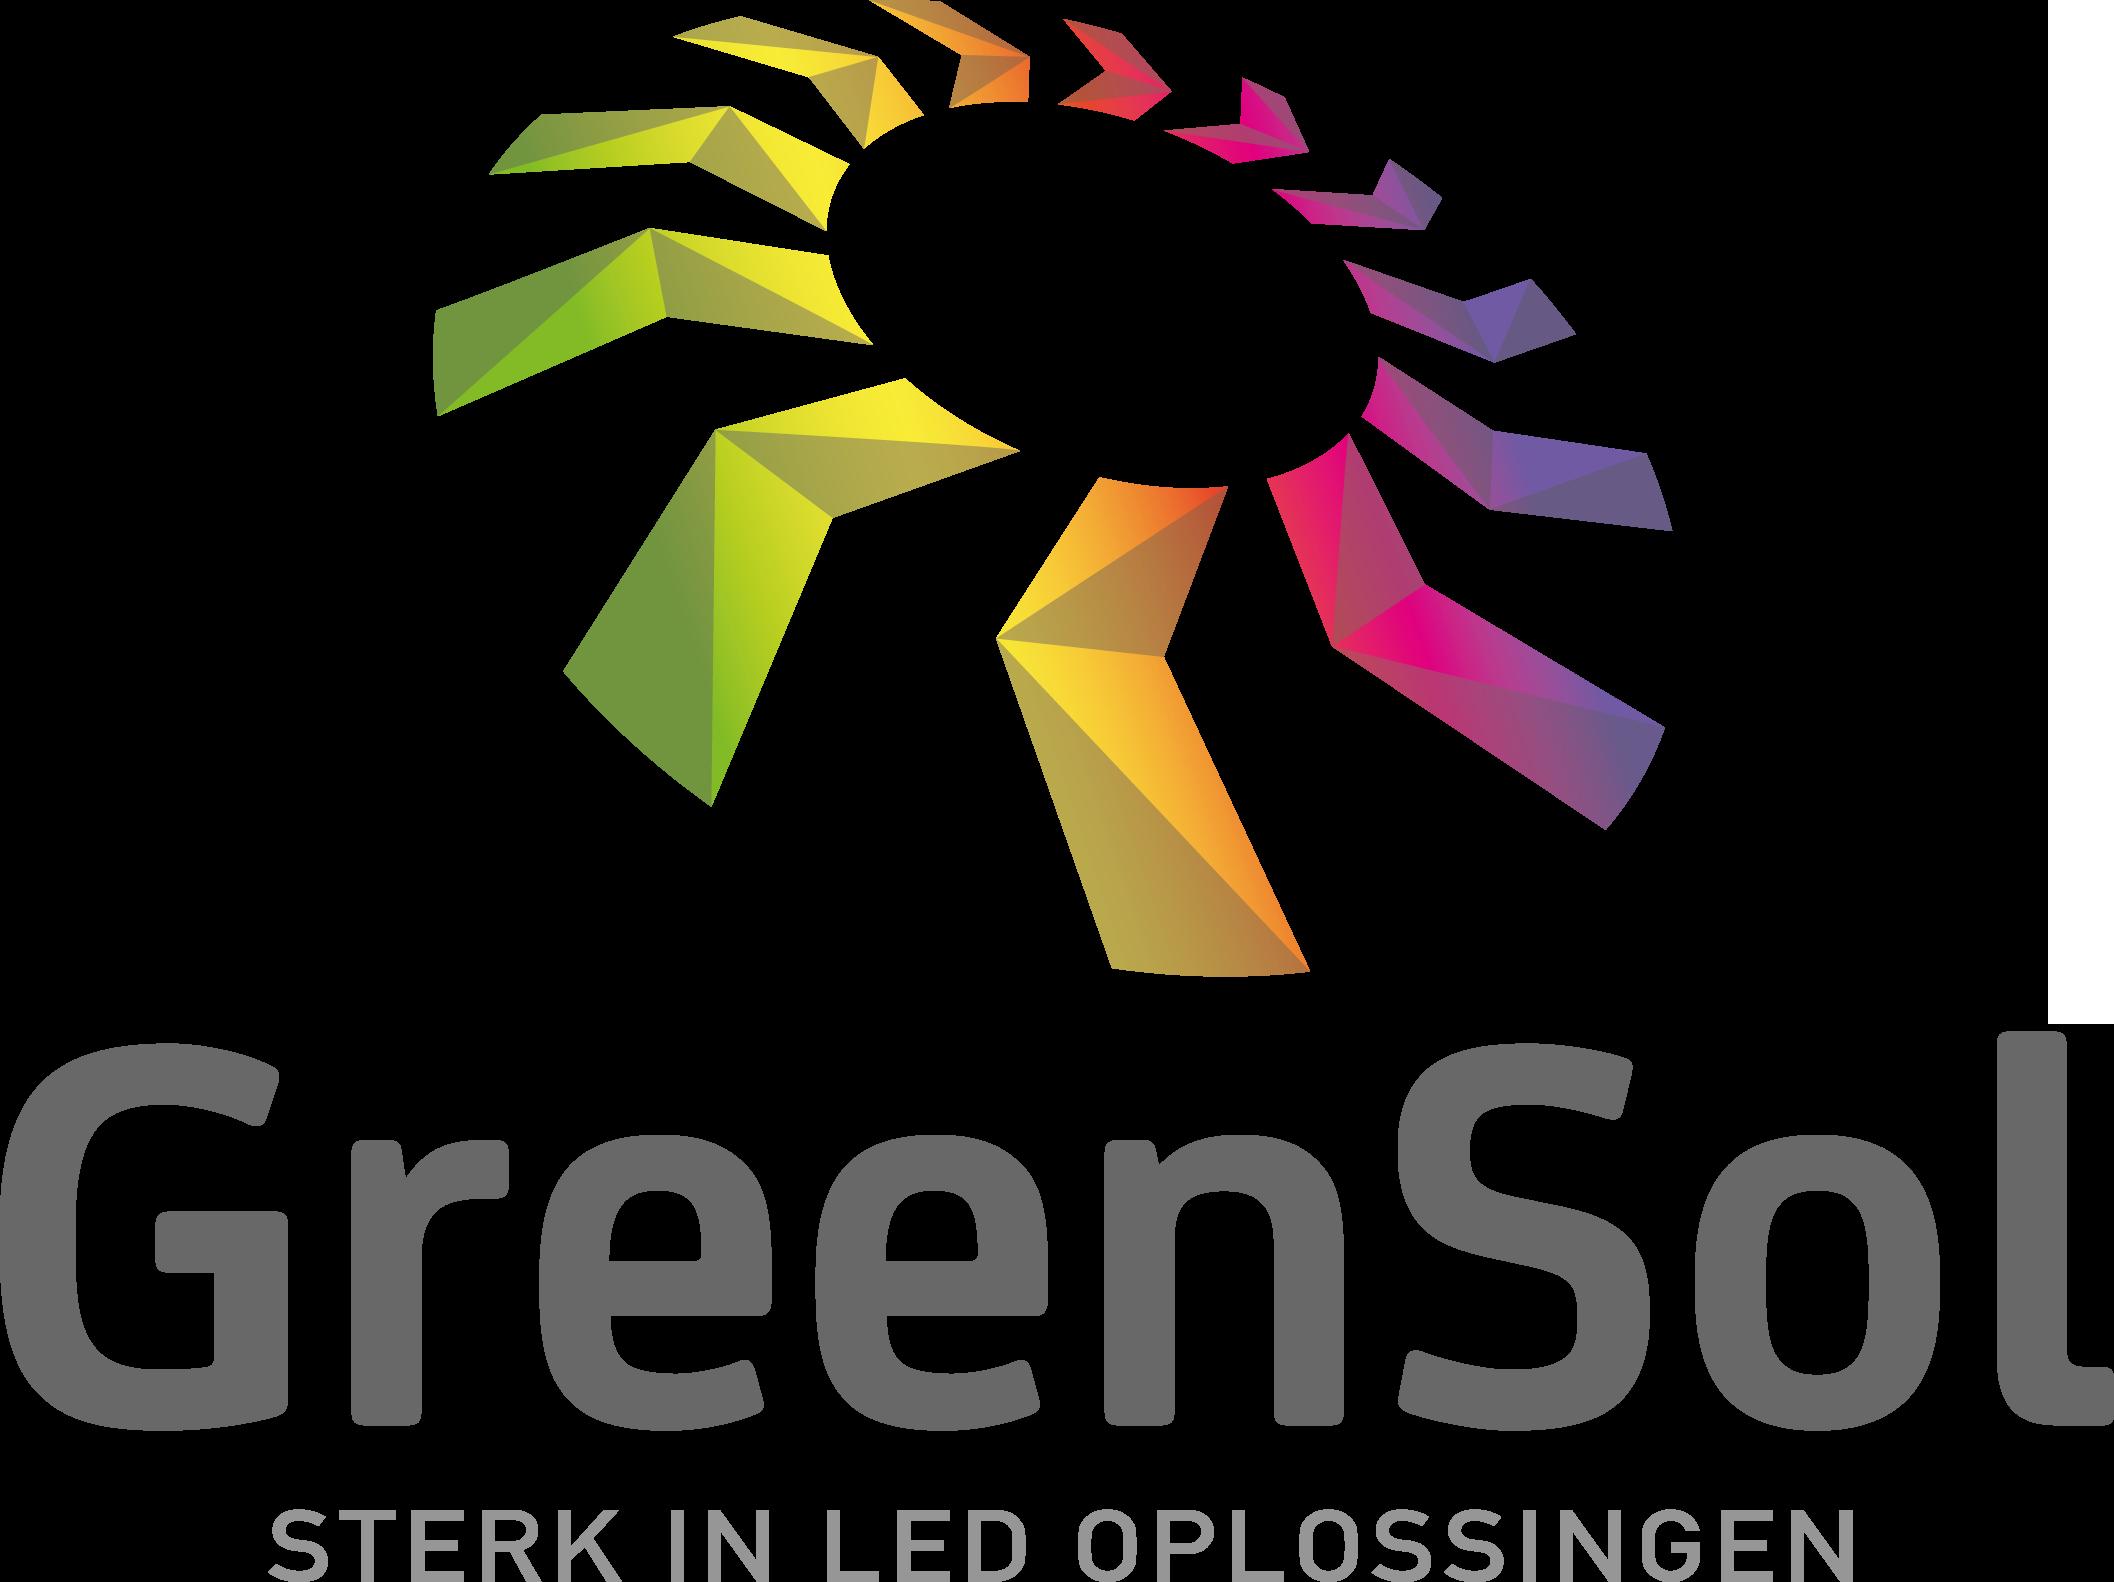 Greensol